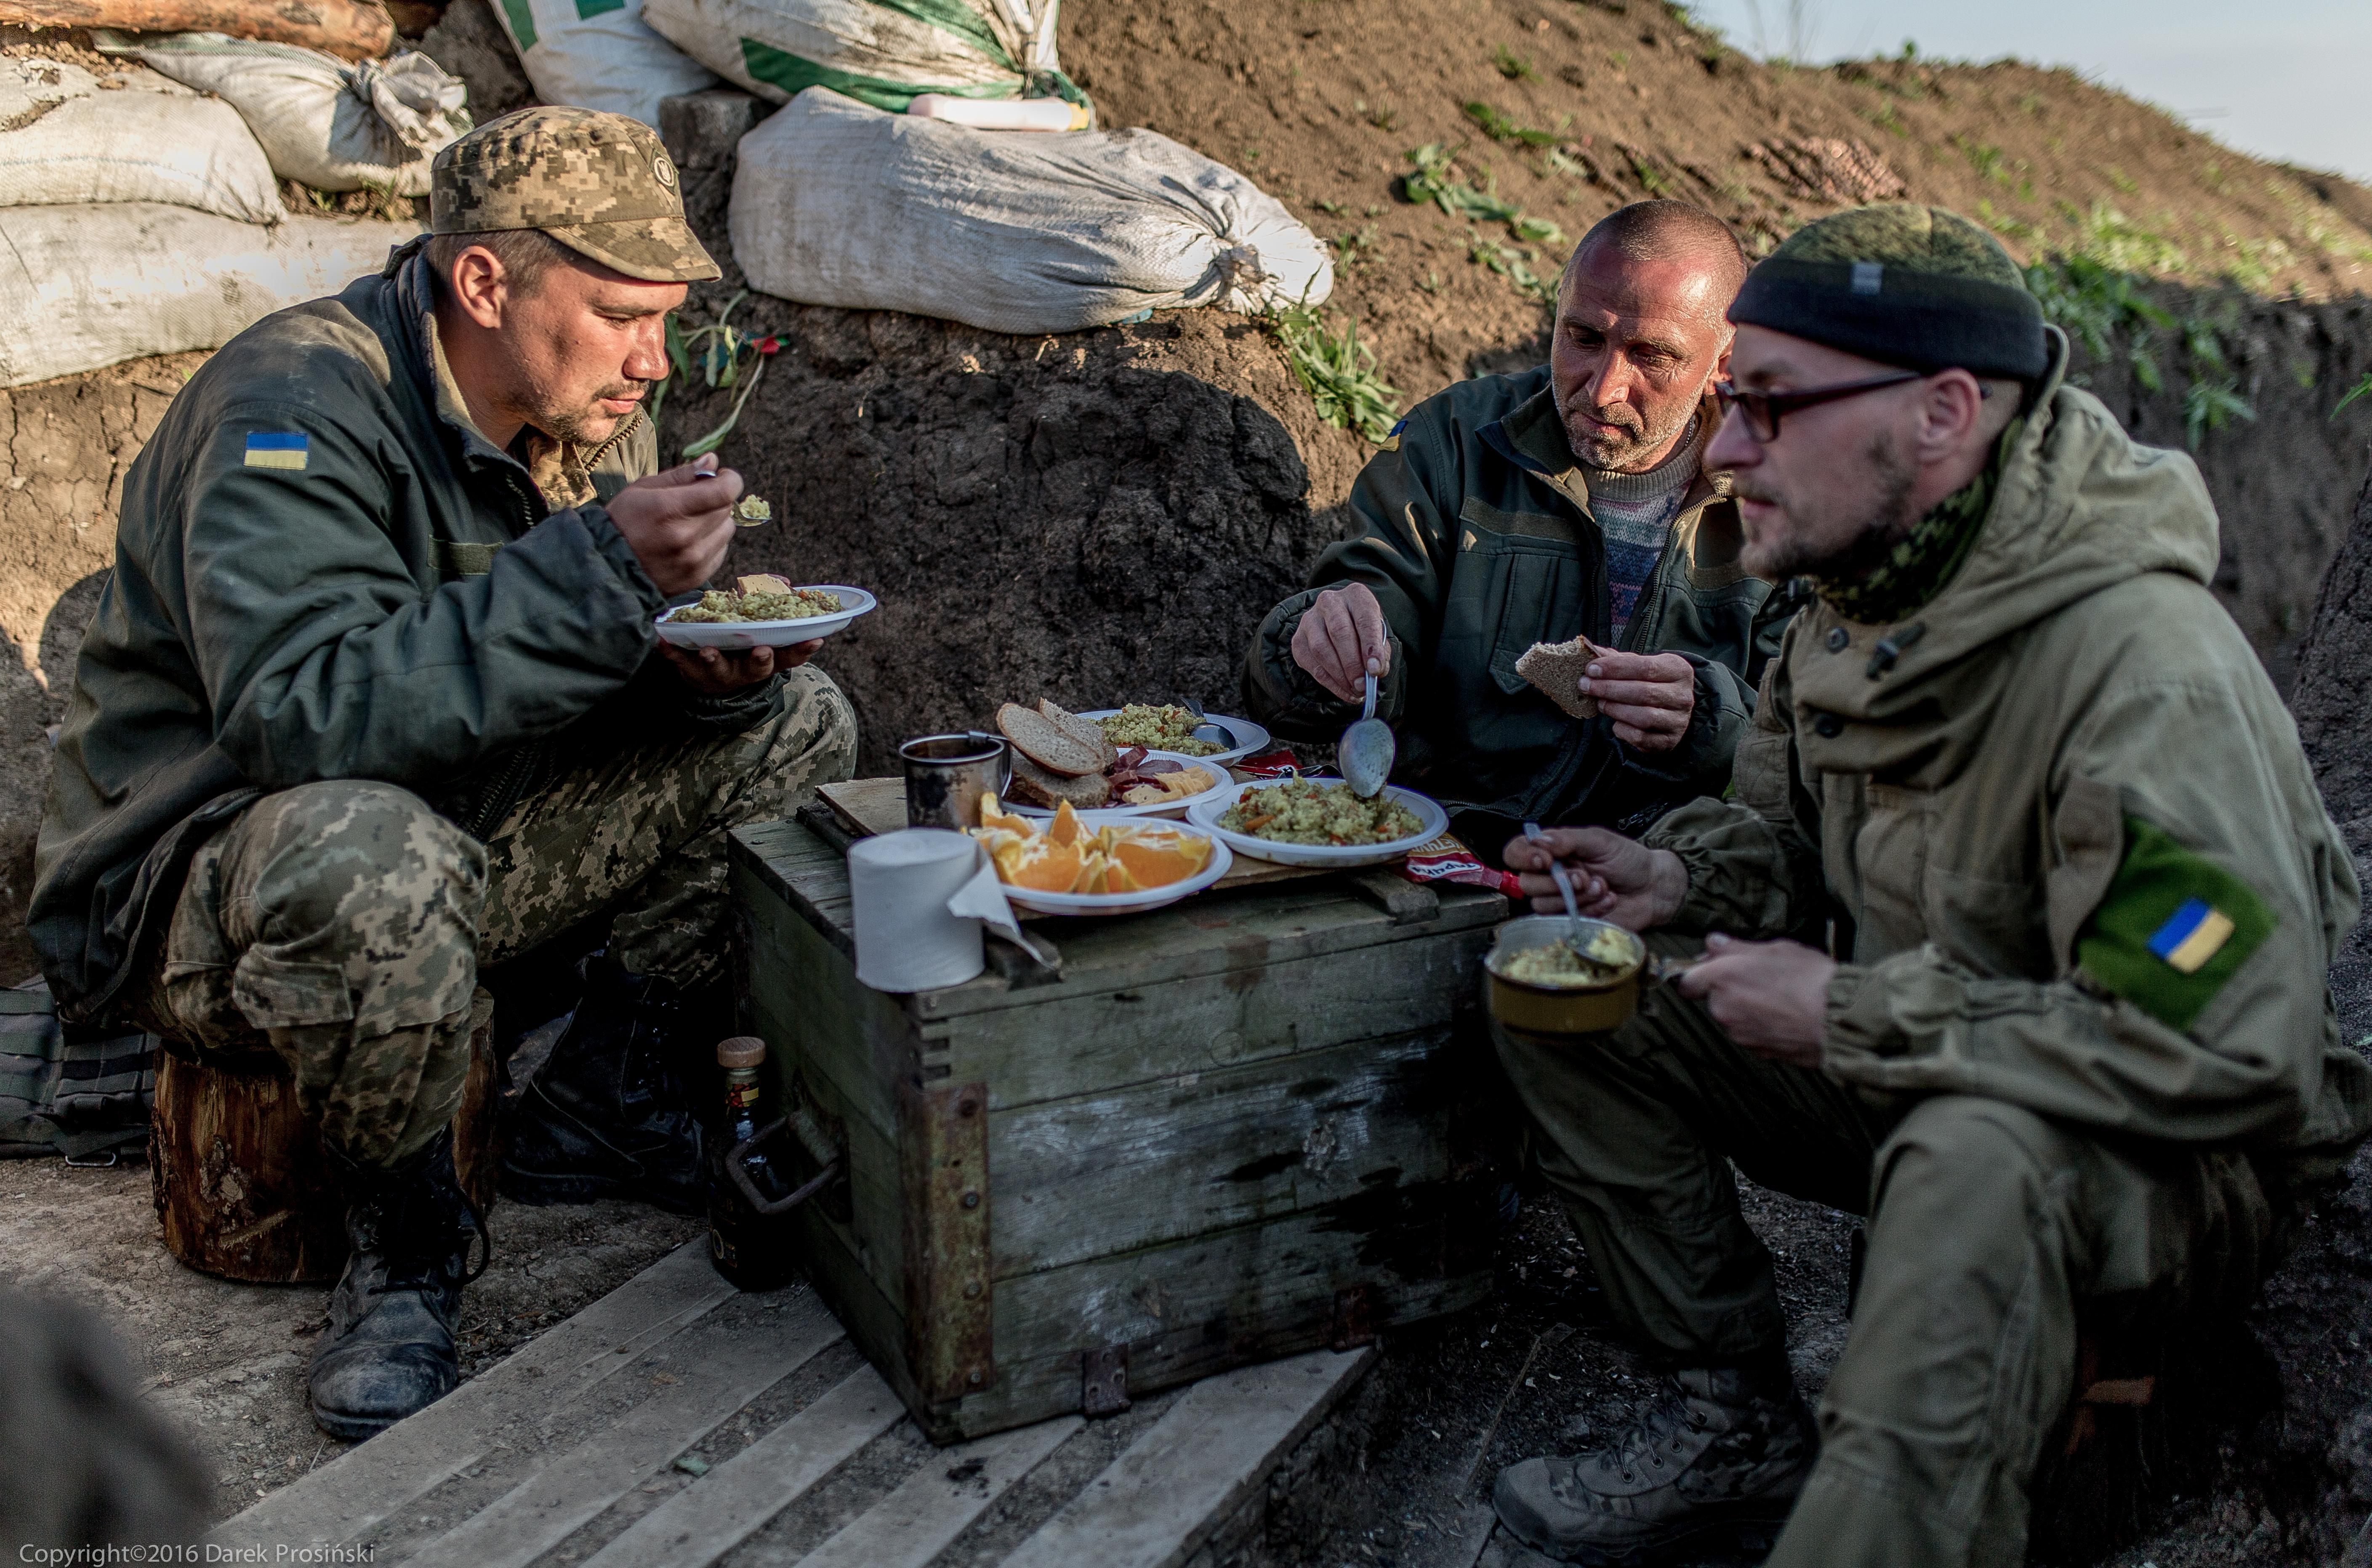 Posiłek w okopach - pozycje wojsk rządowych, południowy odcinek wschodnio-ukraińskiego frontu/fot. Darek Prosiński